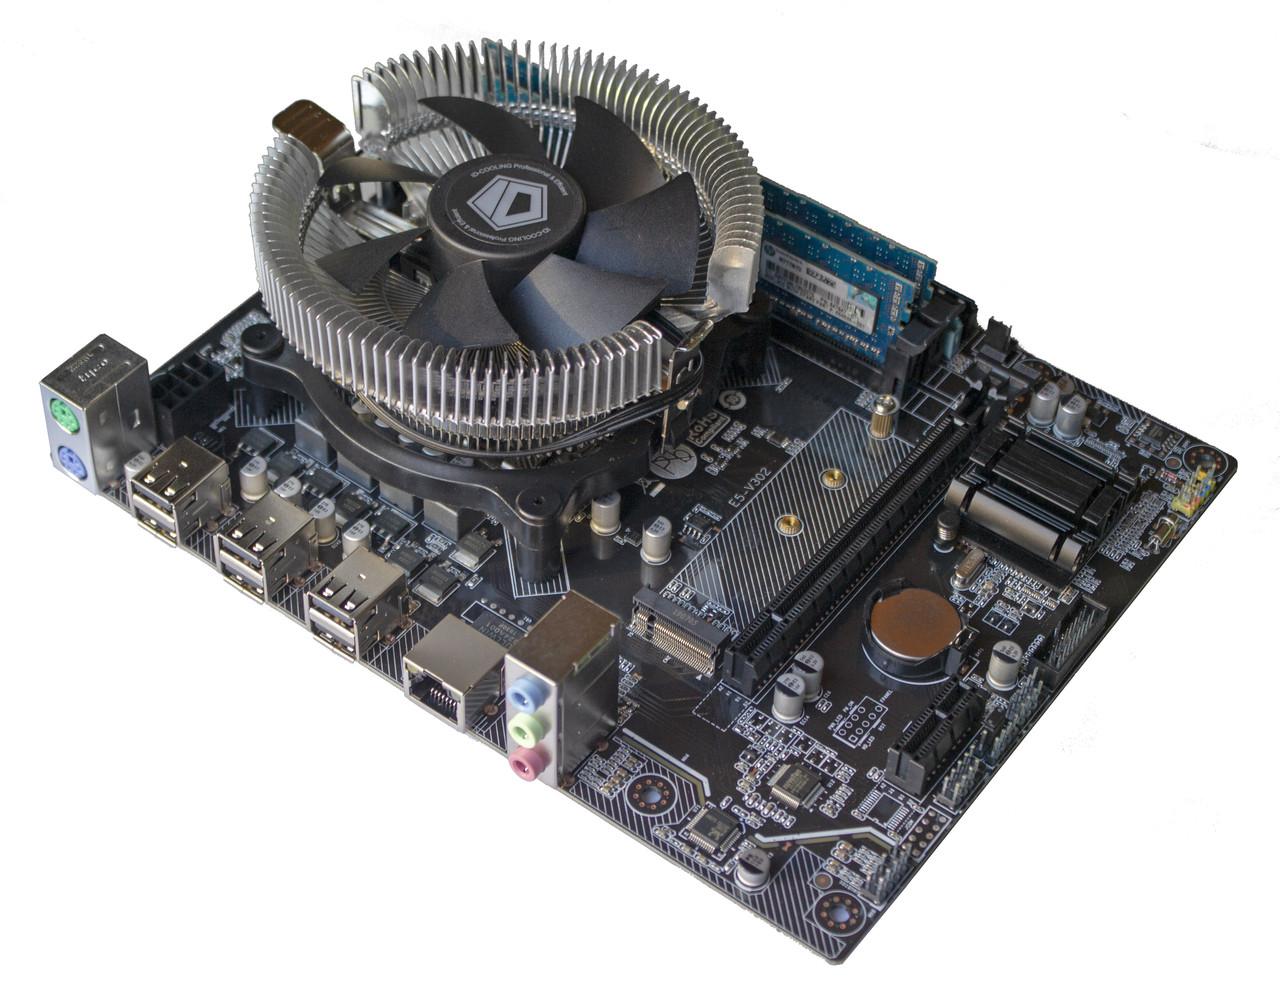 Материнская плата E5-V302 + Xeon E5-2440 2.4-2.7 GHz + 8 GB RAM + Кулер, LGA 1356